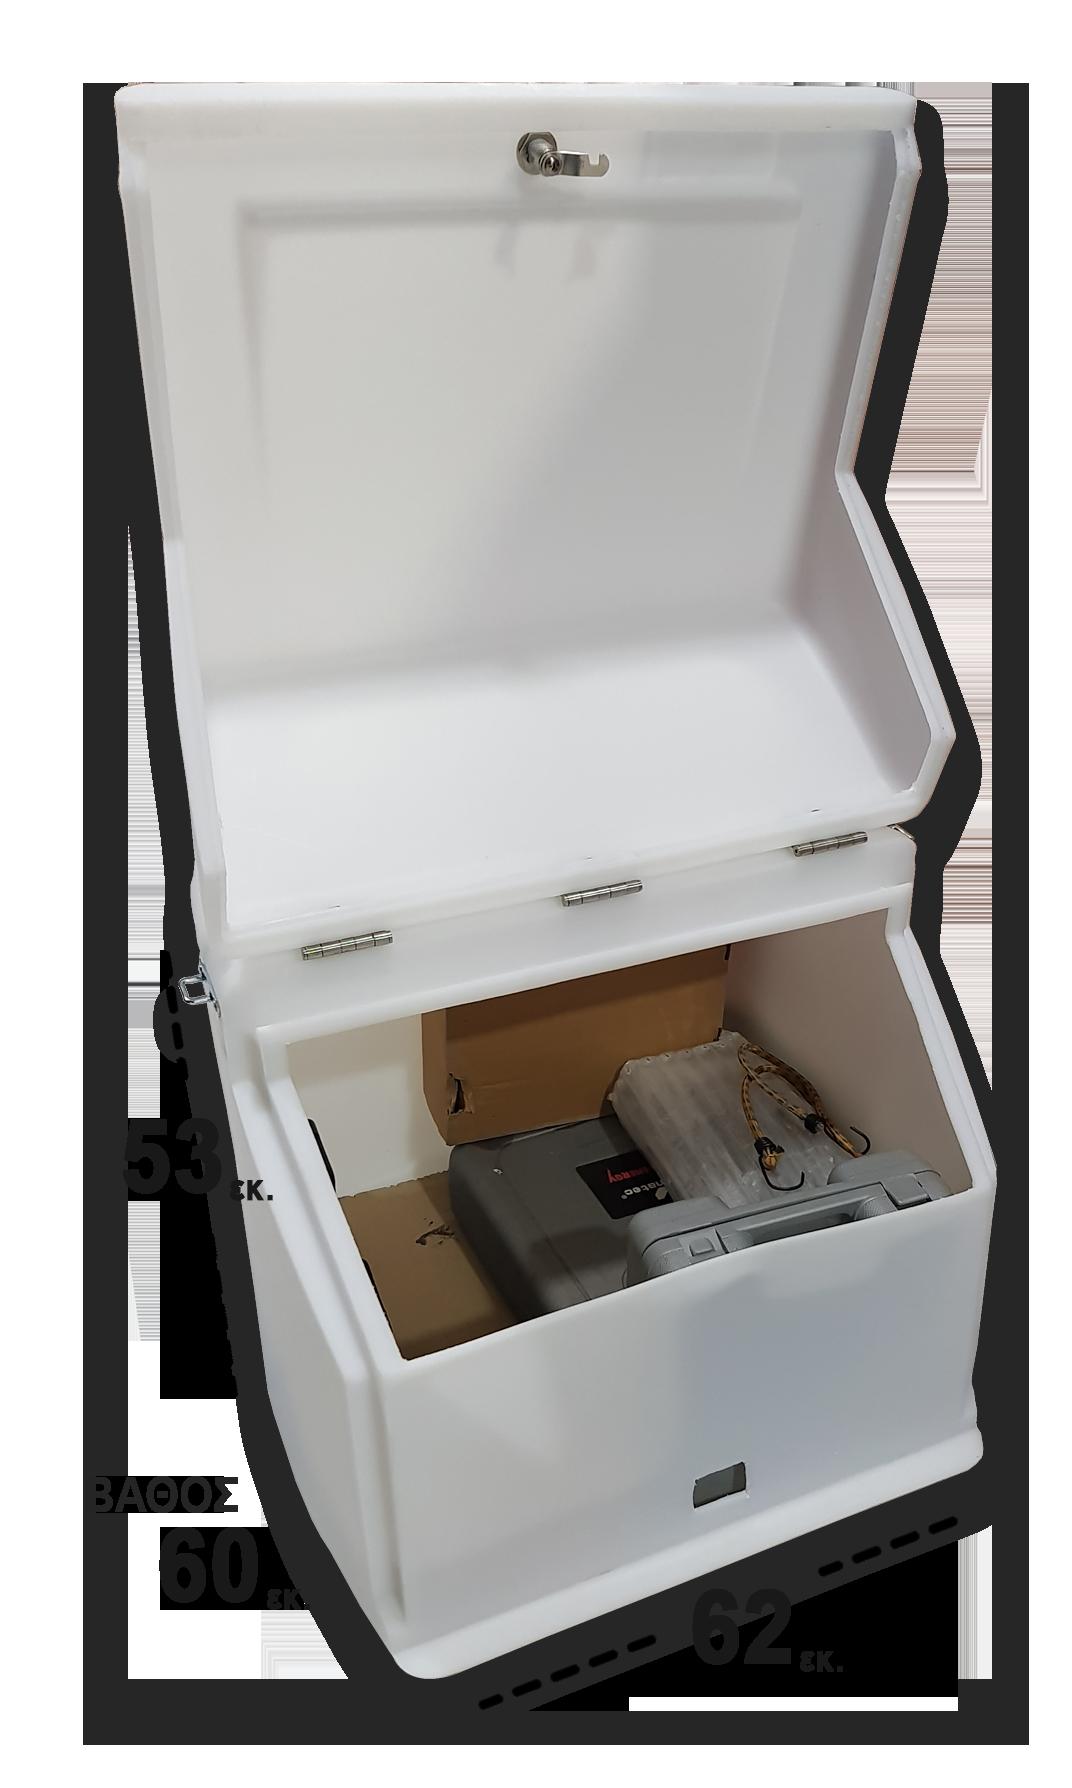 Κουτί ταχυδρομείου κούριερ ΕΛΤΑ Speedex ACS για μεταφορά